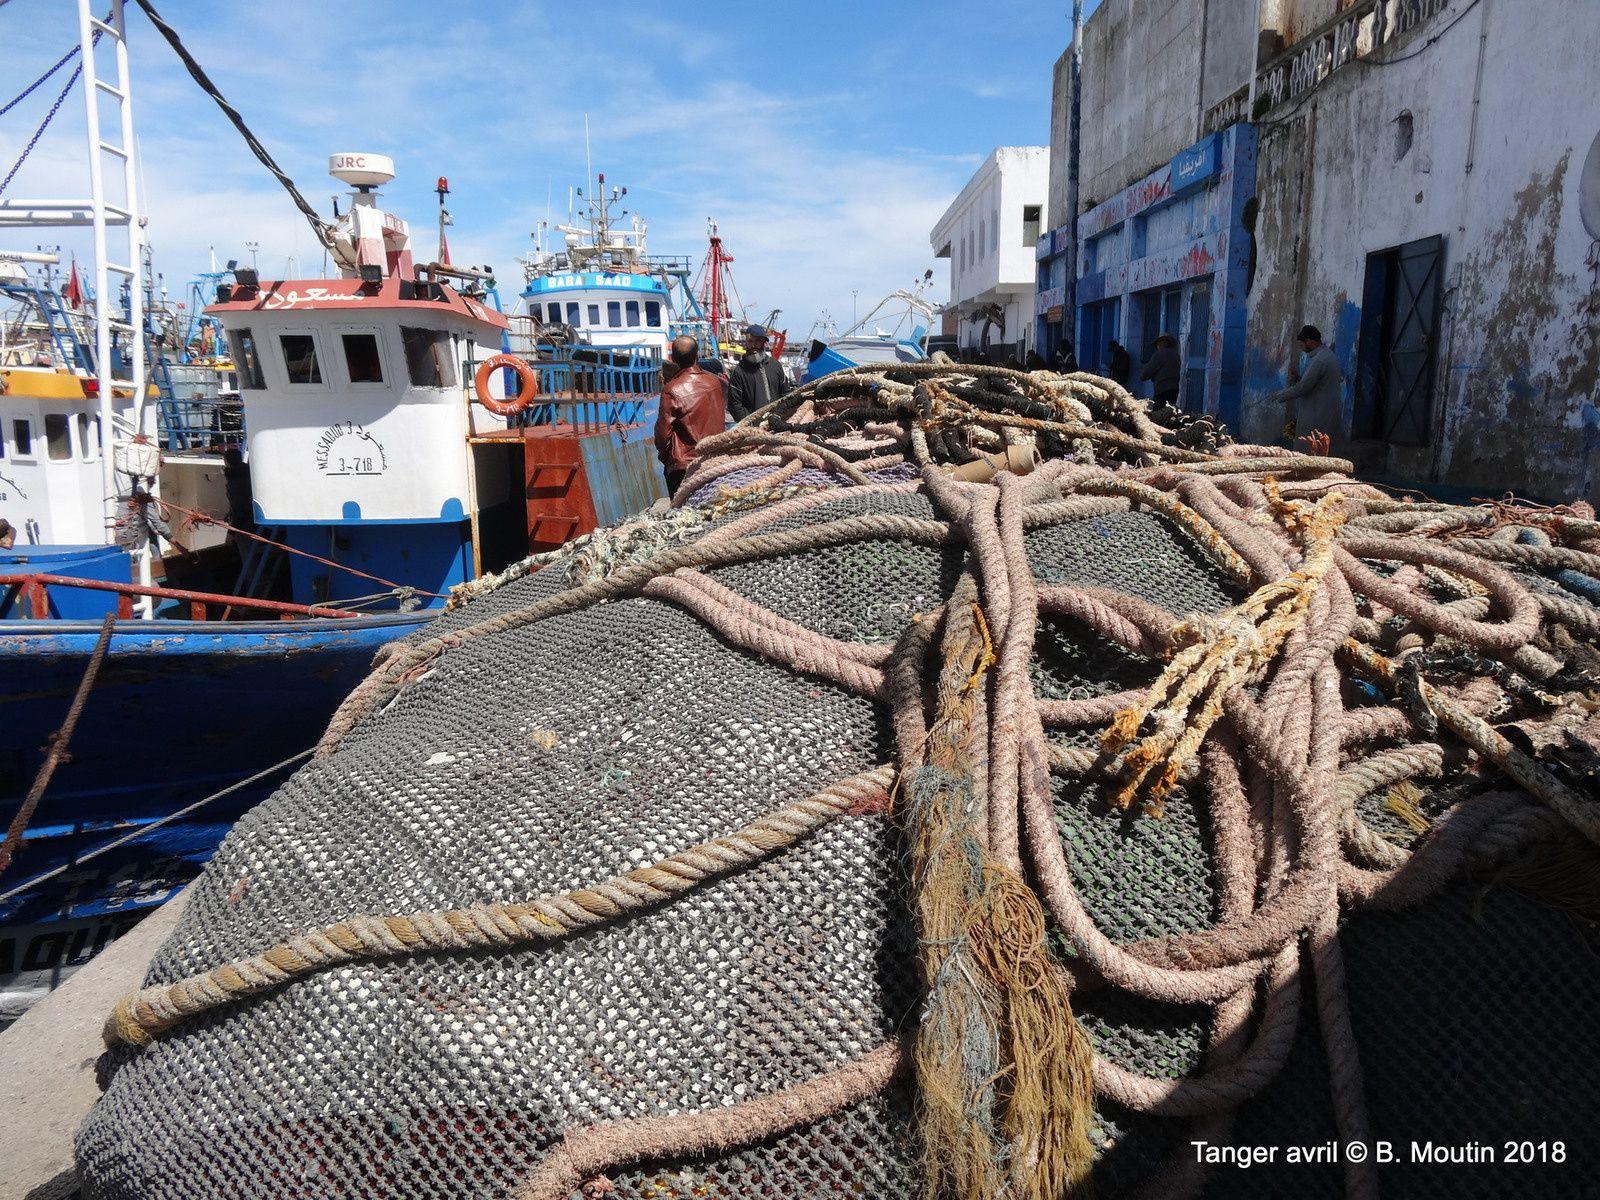 Le port de pêche de Tanger, les ultimes images avant sa démolition ...